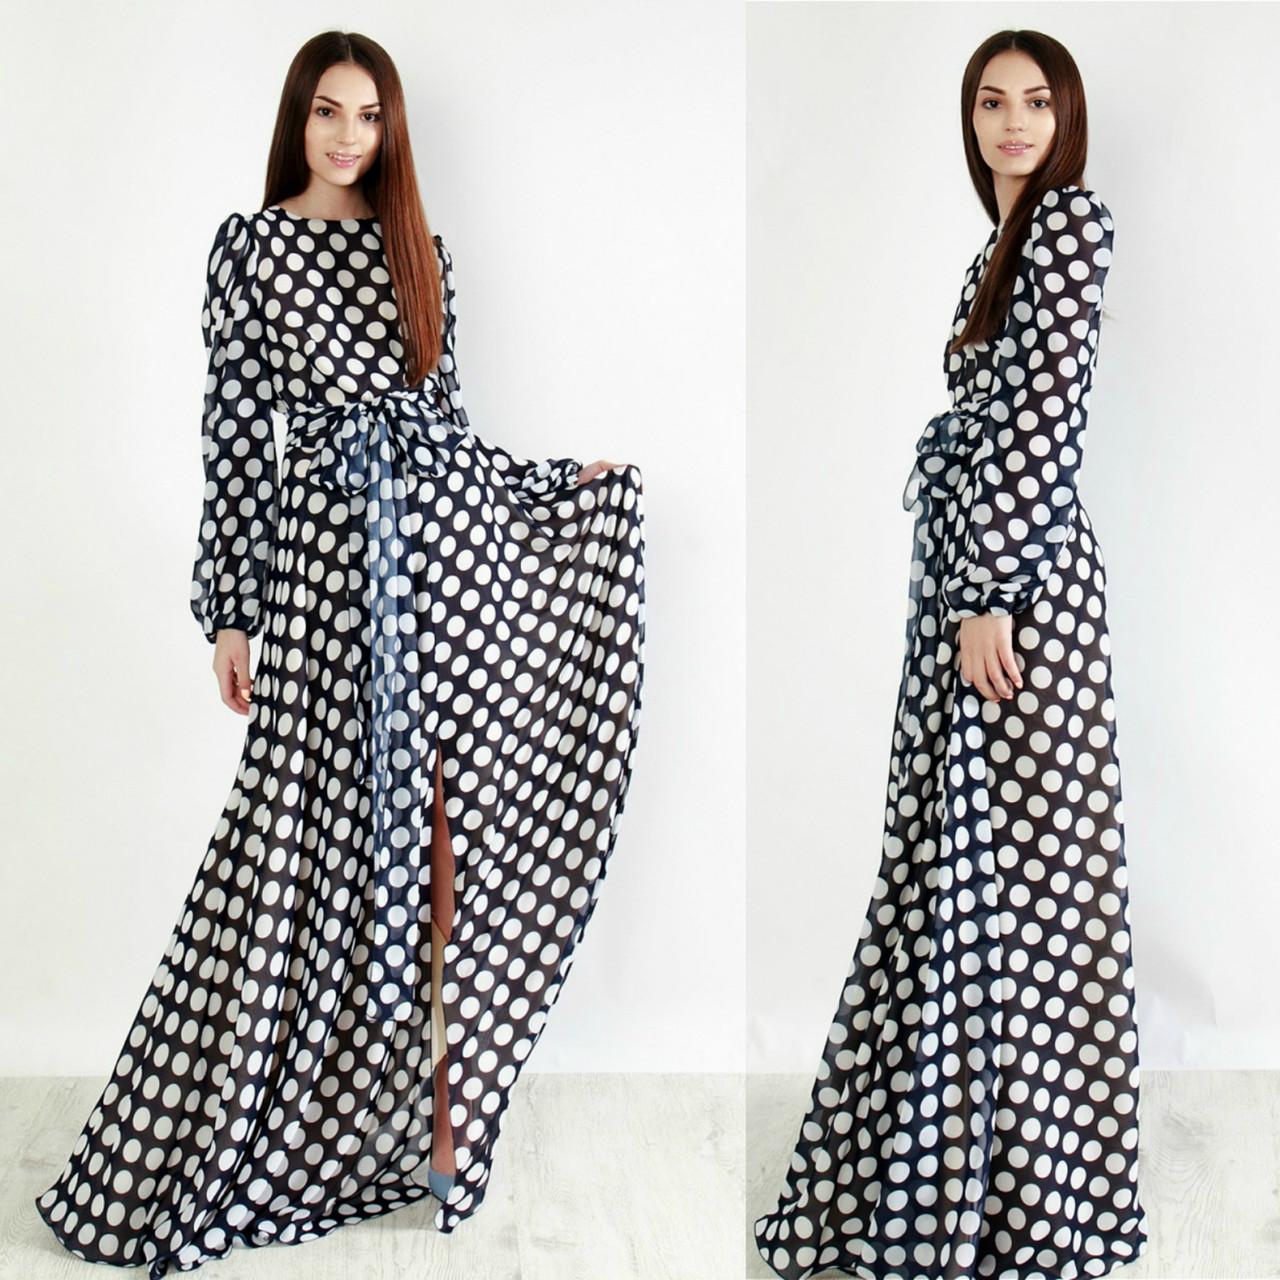 Шифоновое платье в горох, цена 835 грн., купить в Полтаве — Prom.ua ... cfc287e9935